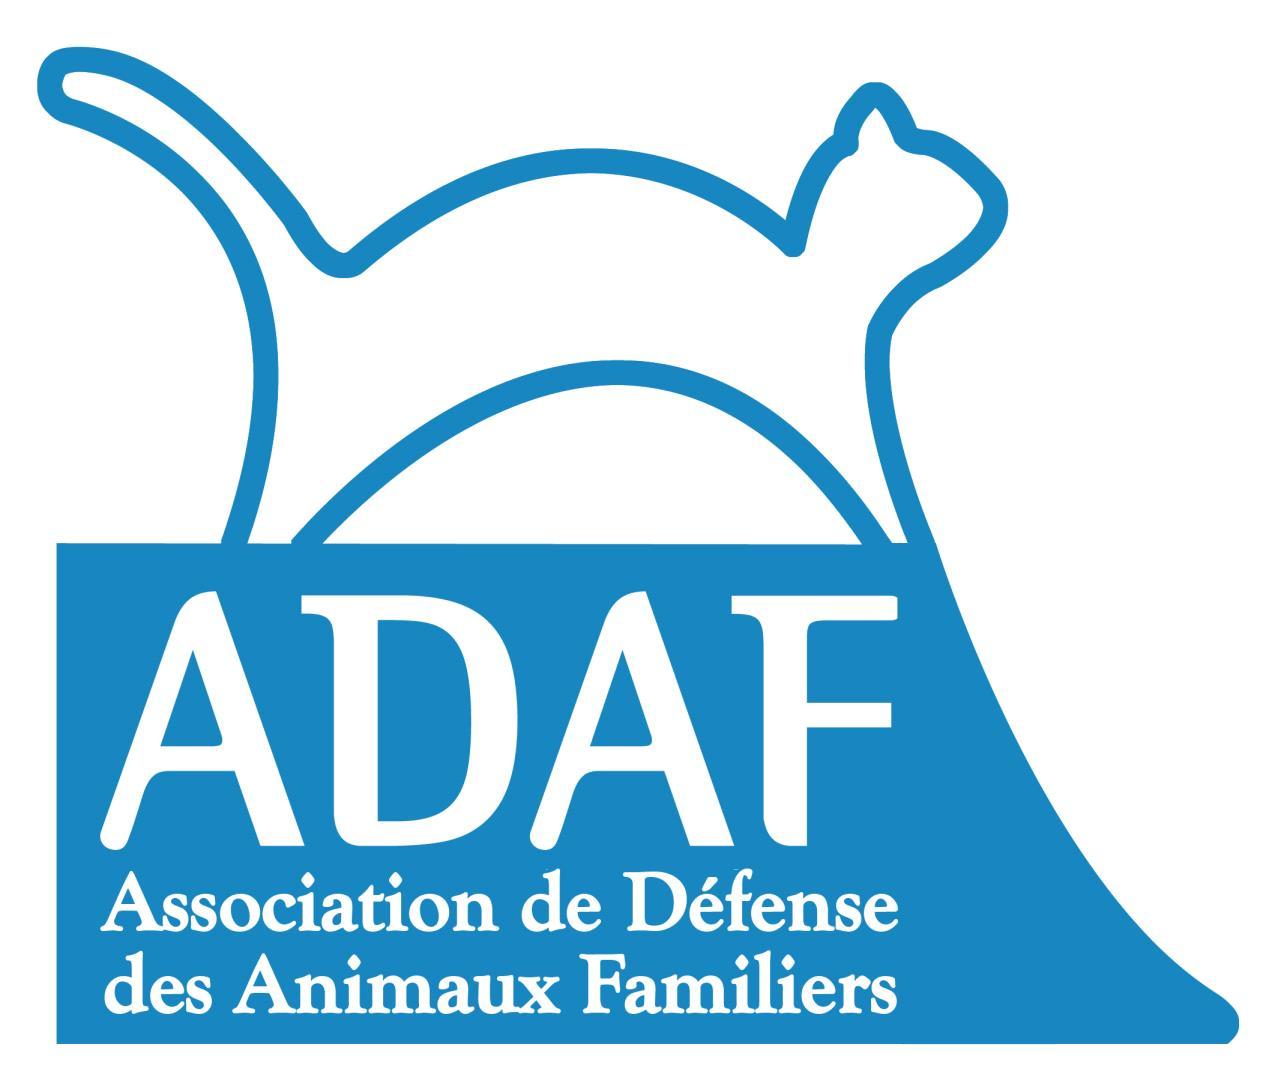 Association - ADAF - Association de Défense des Animaux Familiers